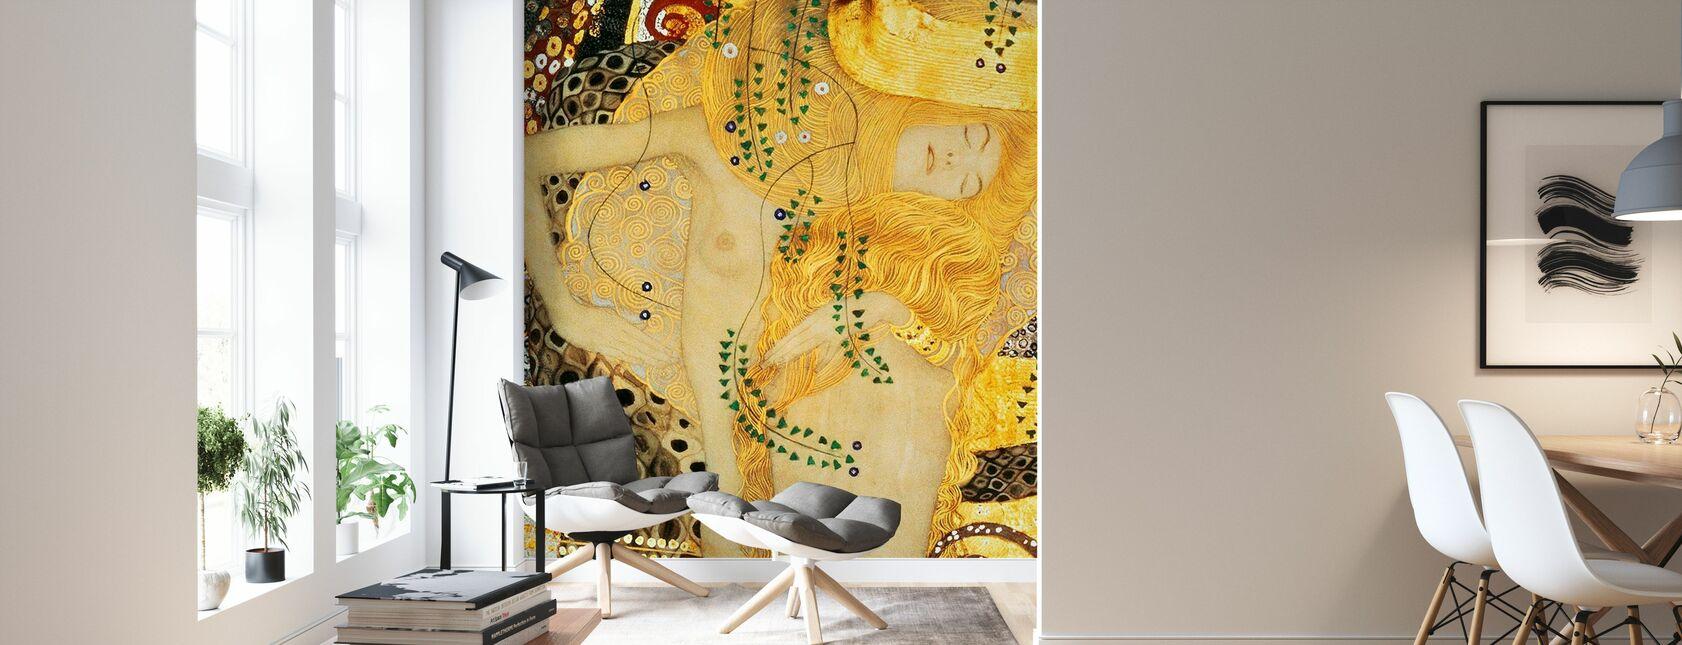 Water Serpents, Gustav Klimt - Wallpaper - Living Room